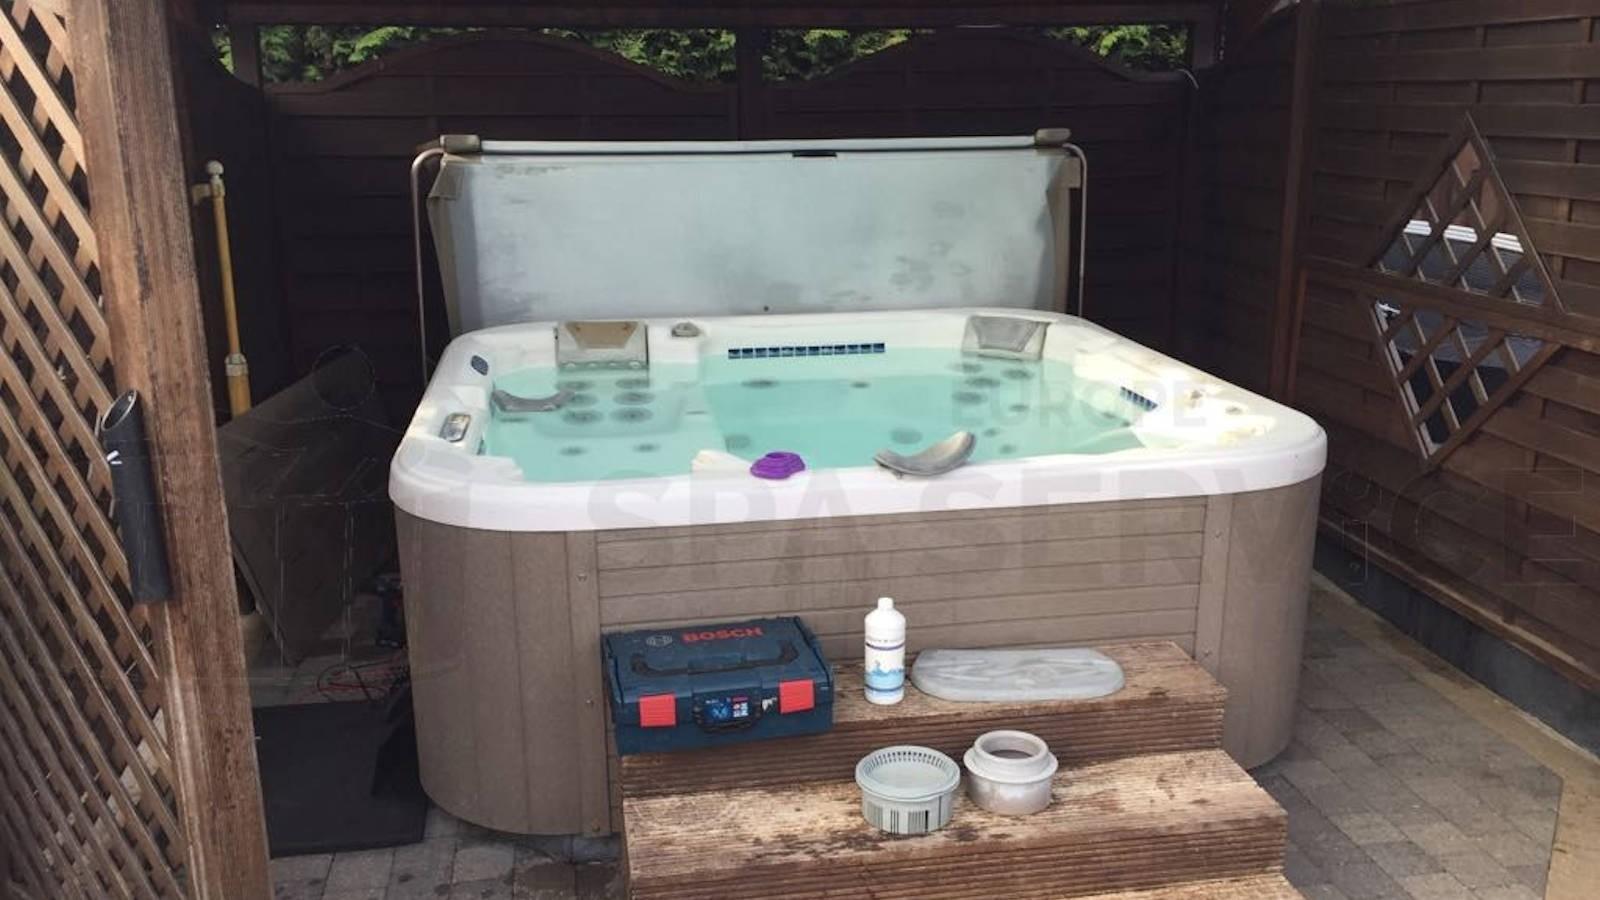 Reparatie verwarming van een Dimension One spa in Anderlecht België